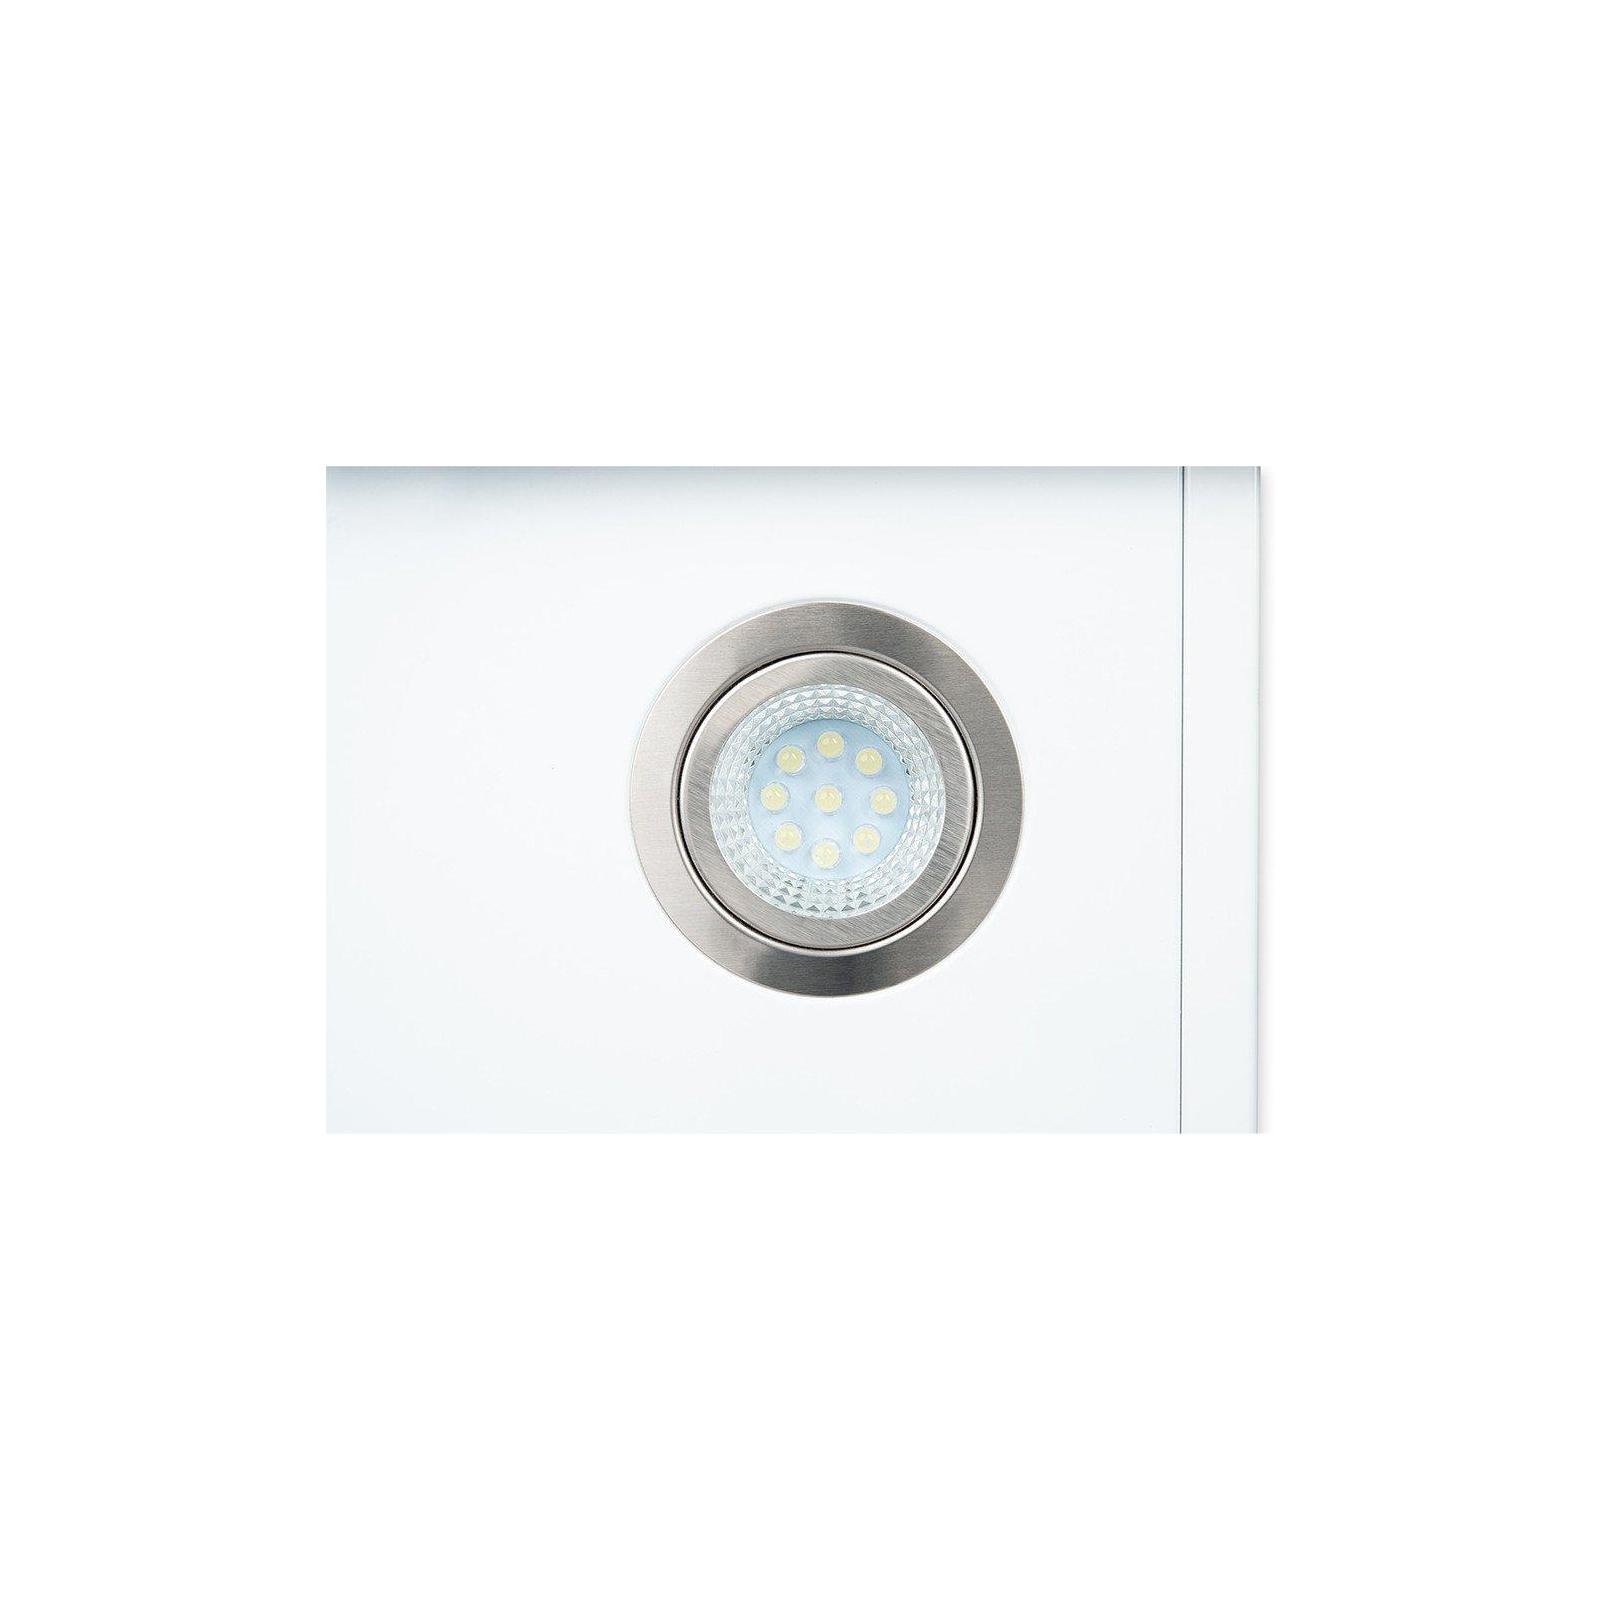 Вытяжка кухонная MINOLA HVS 6382 WH 750 LED изображение 5